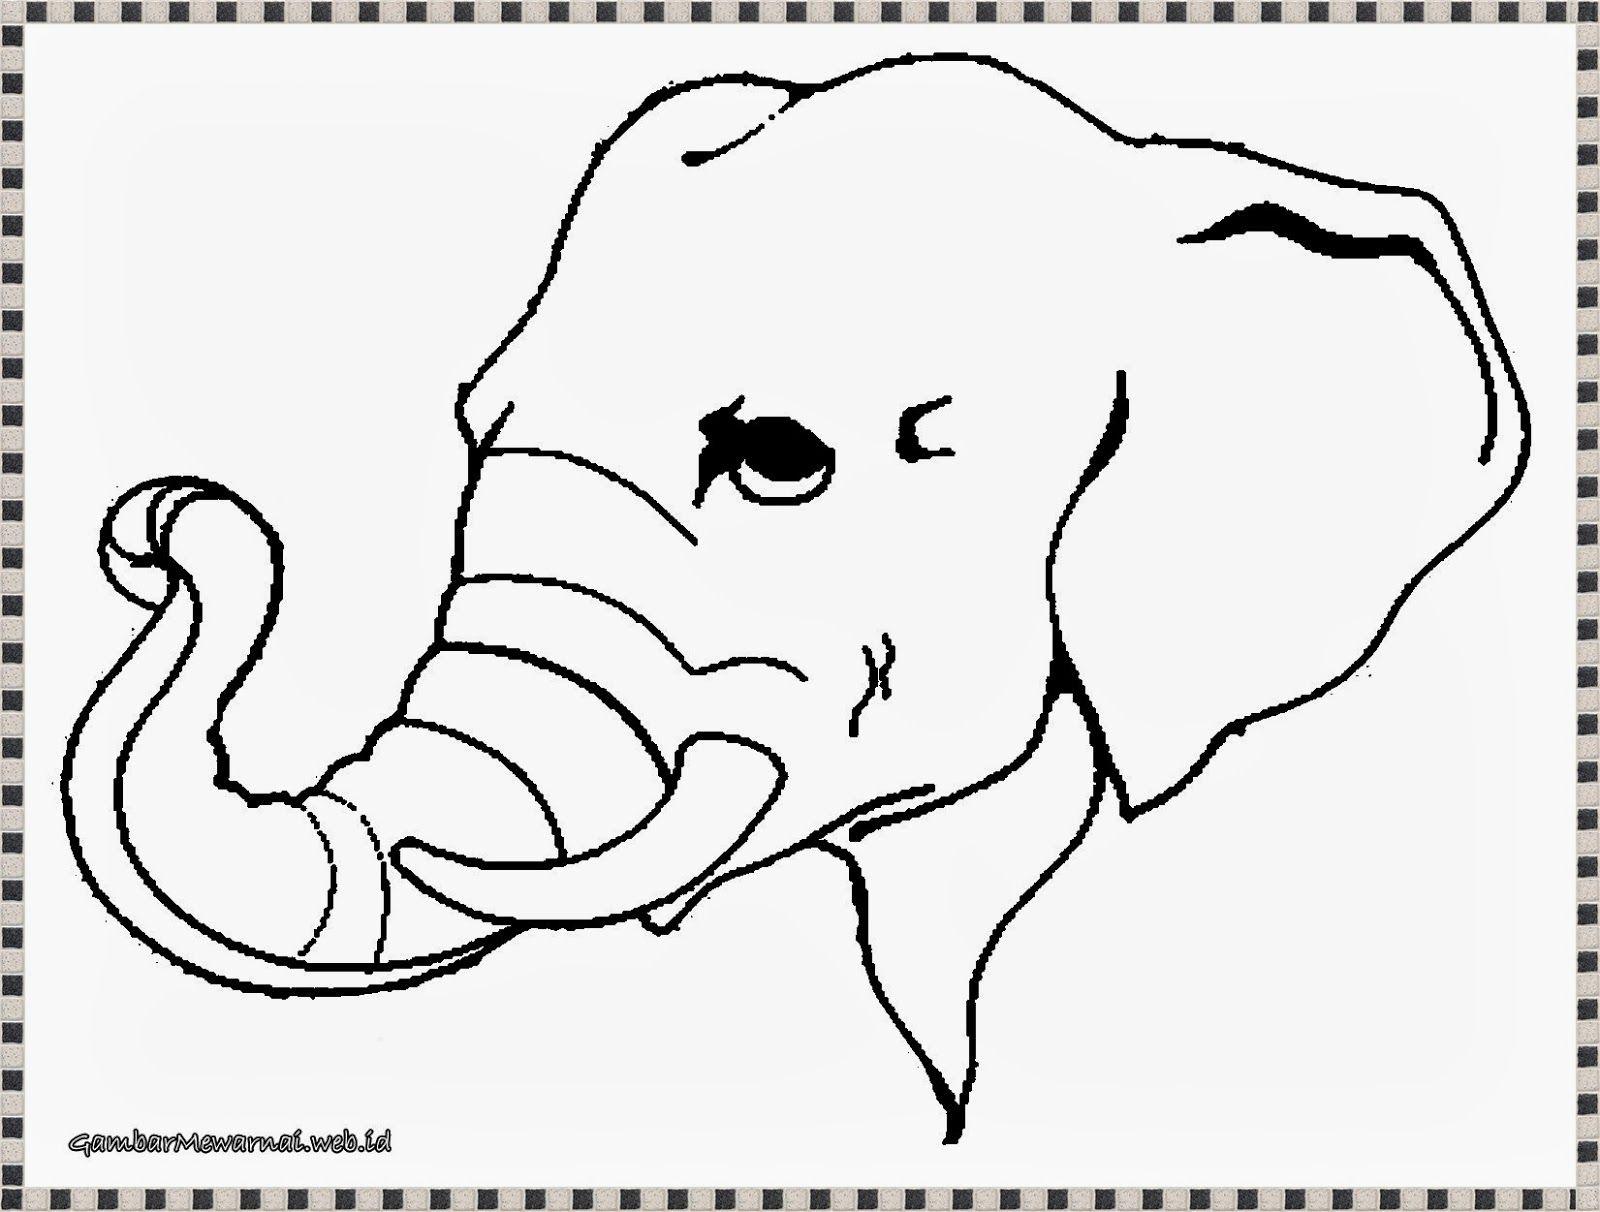 Mewarnai Gambar Kepala Gajah Gajah, Menggambar Kepala, Warna